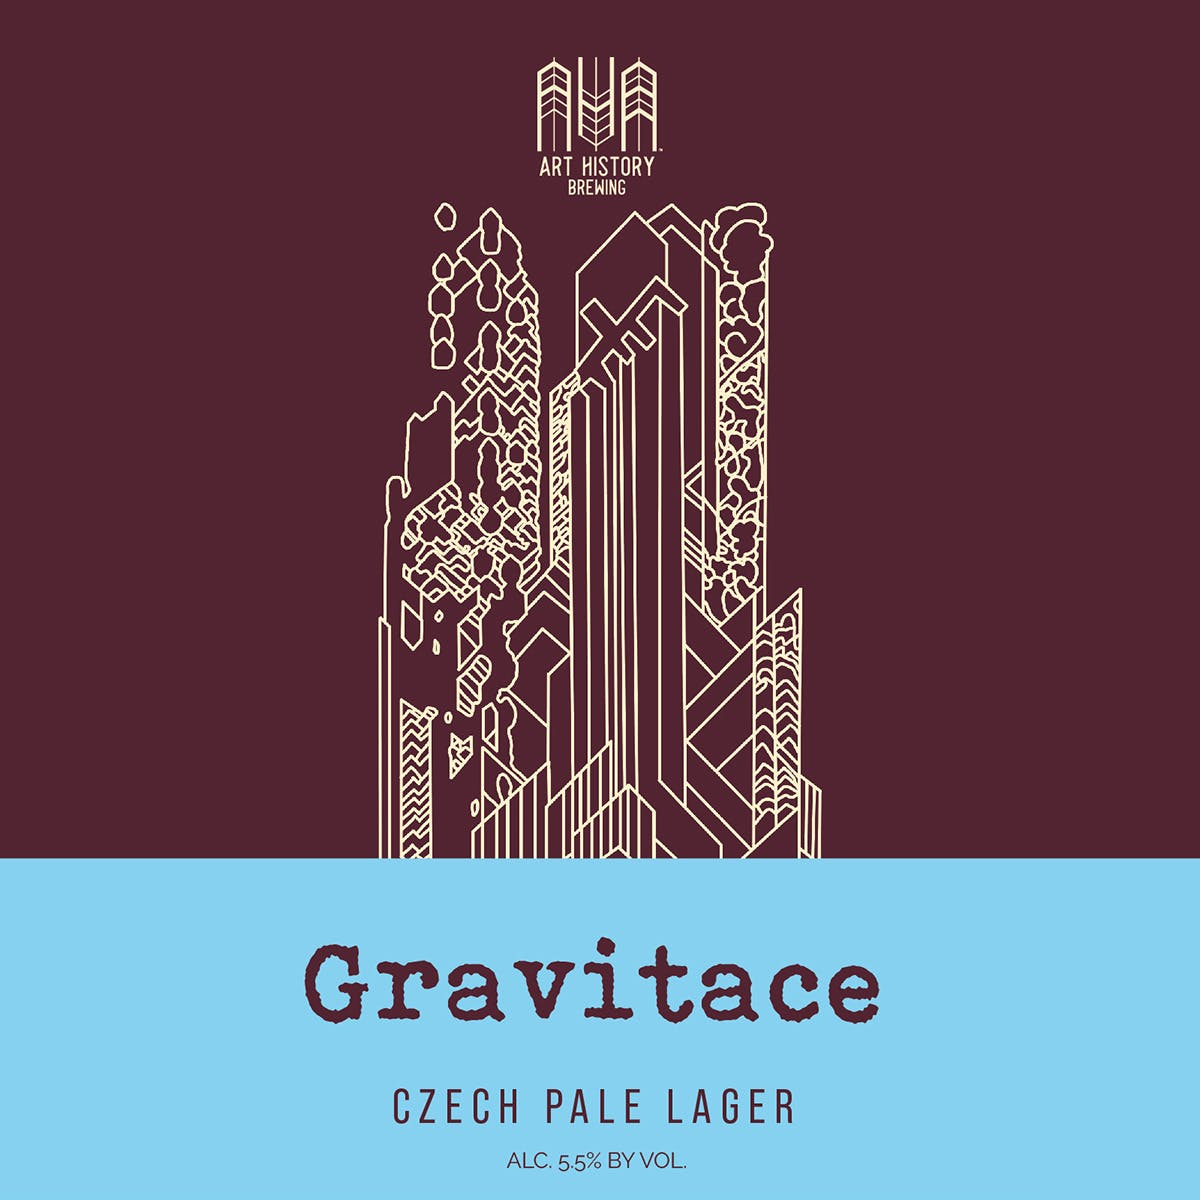 Gravitace Beer Label